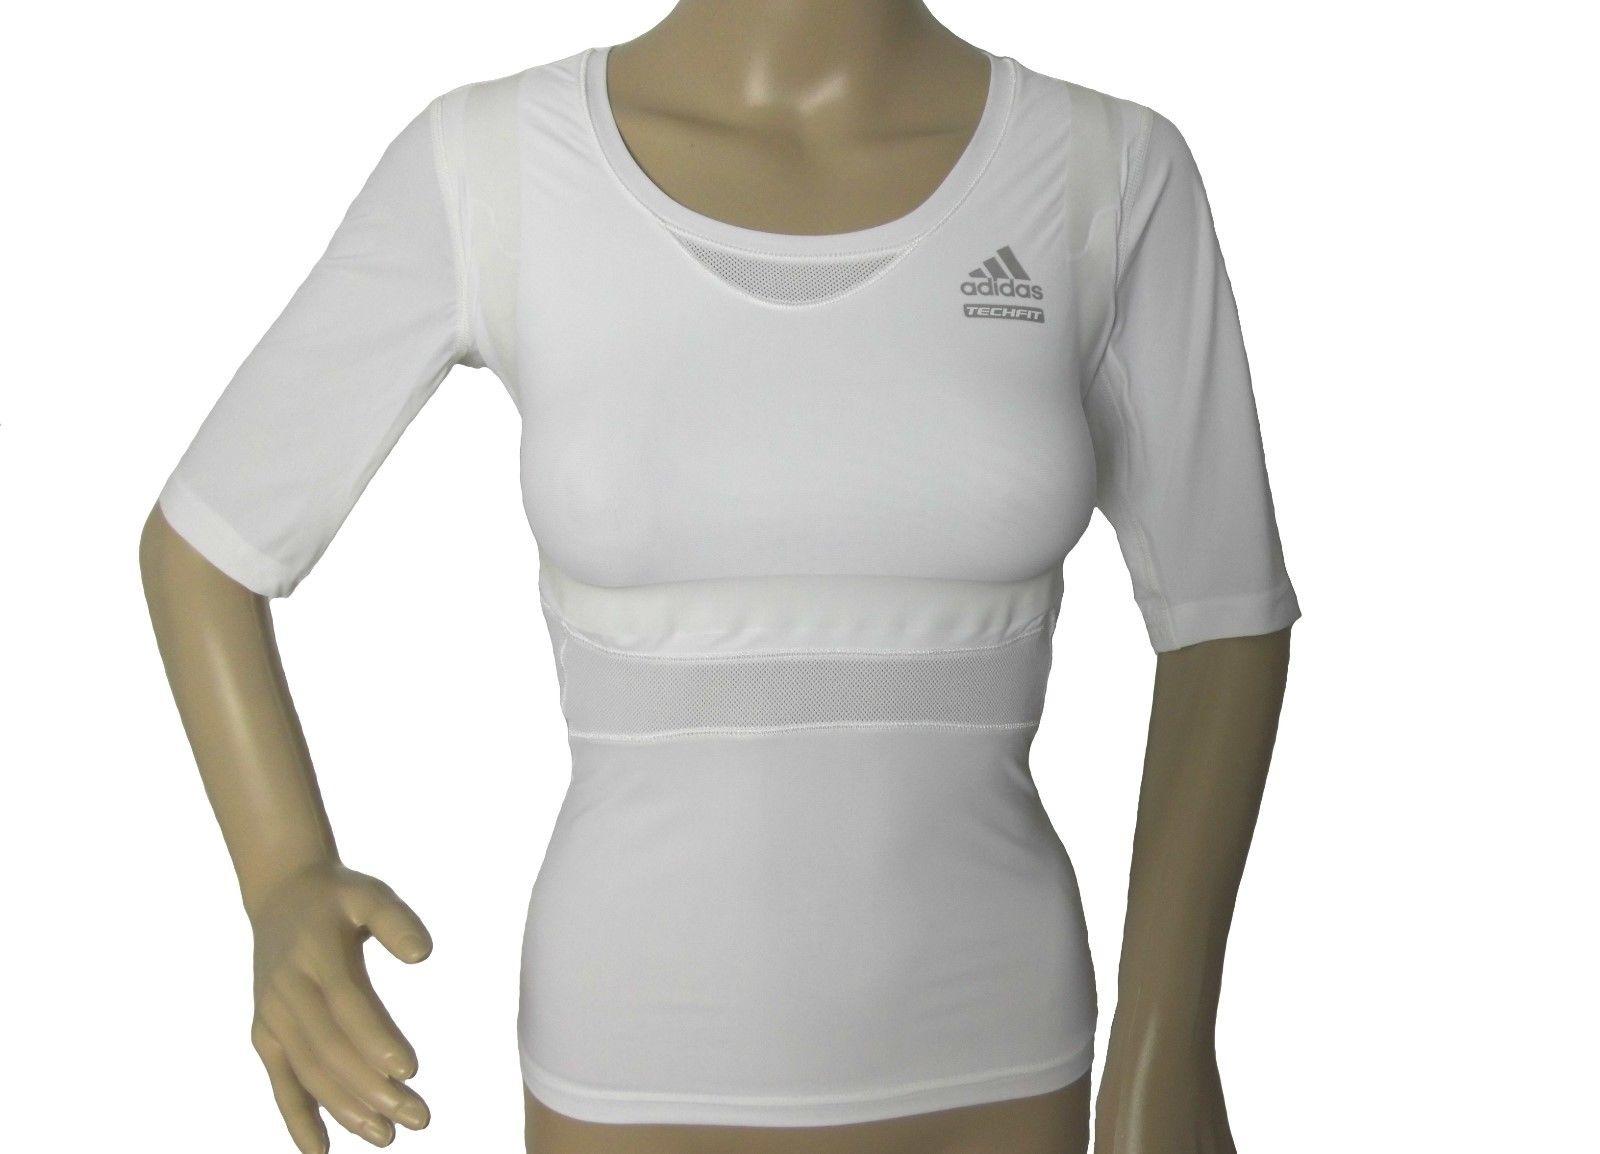 Adidas TECHFIT Damen Run T-Shirt Sport Shirt Tee Training CLIMACOOL Weiß NEU